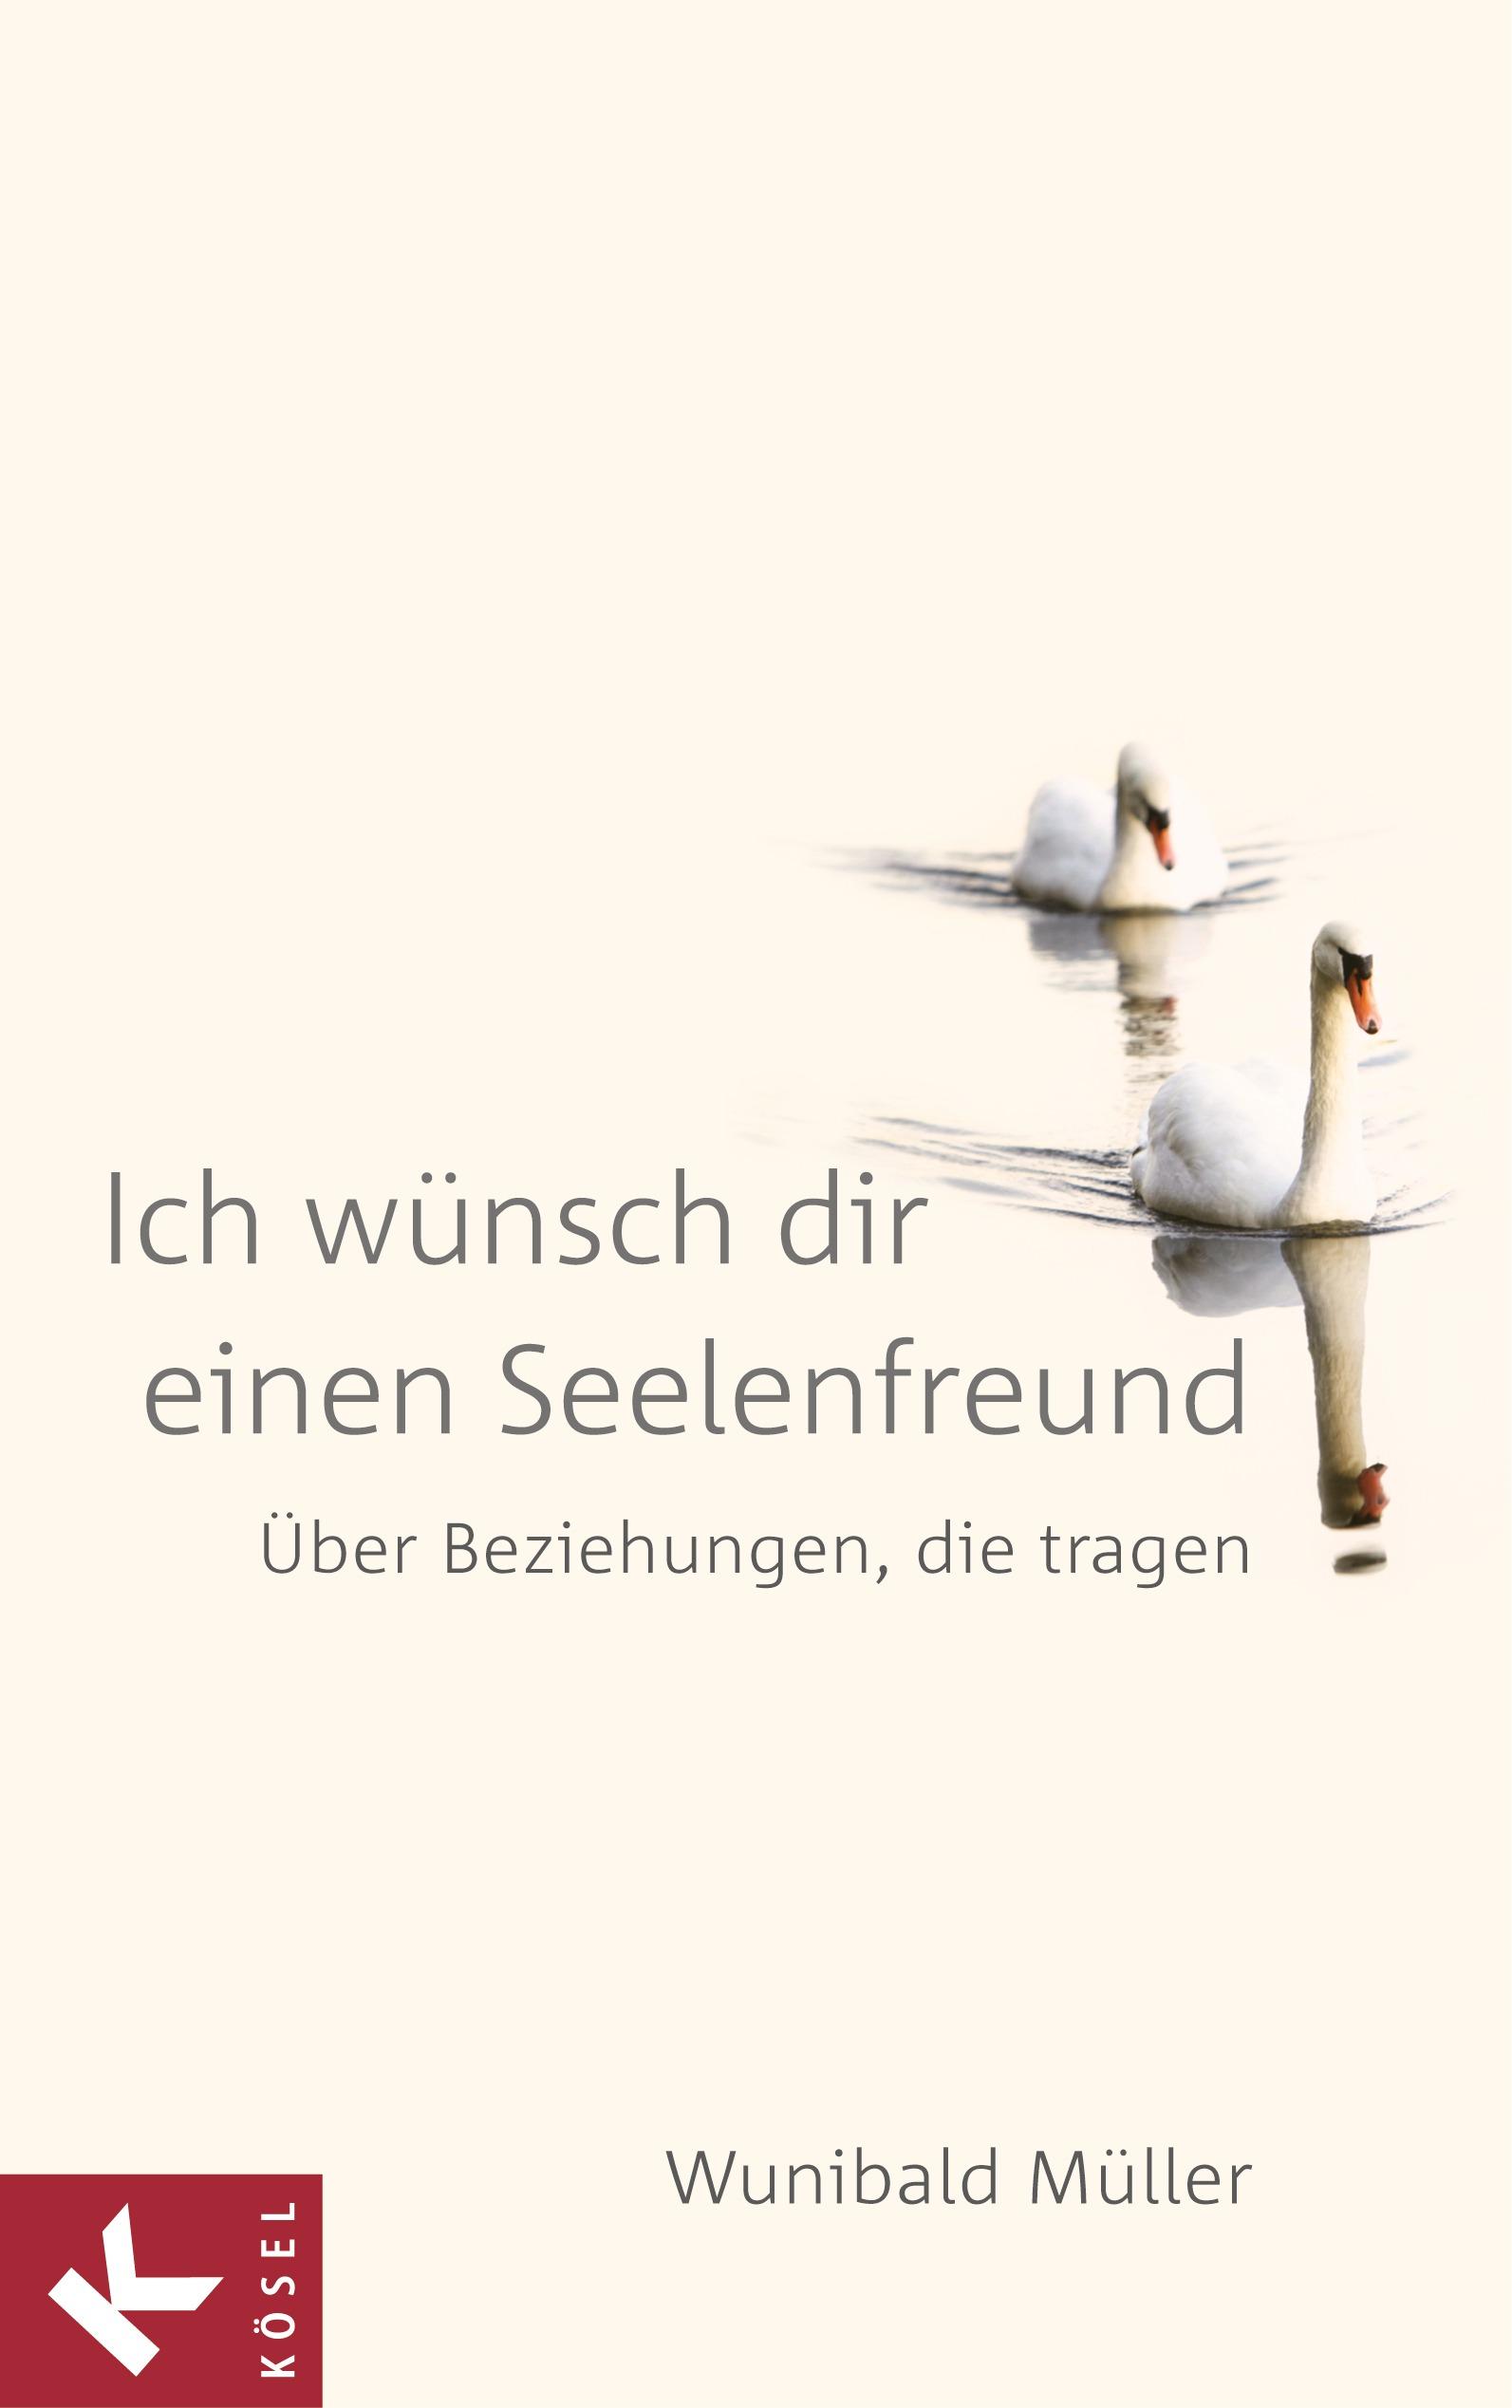 Ich wünsch dir einen Seelenfreund: Über Beziehungen, die tragen - Wunibald Müller